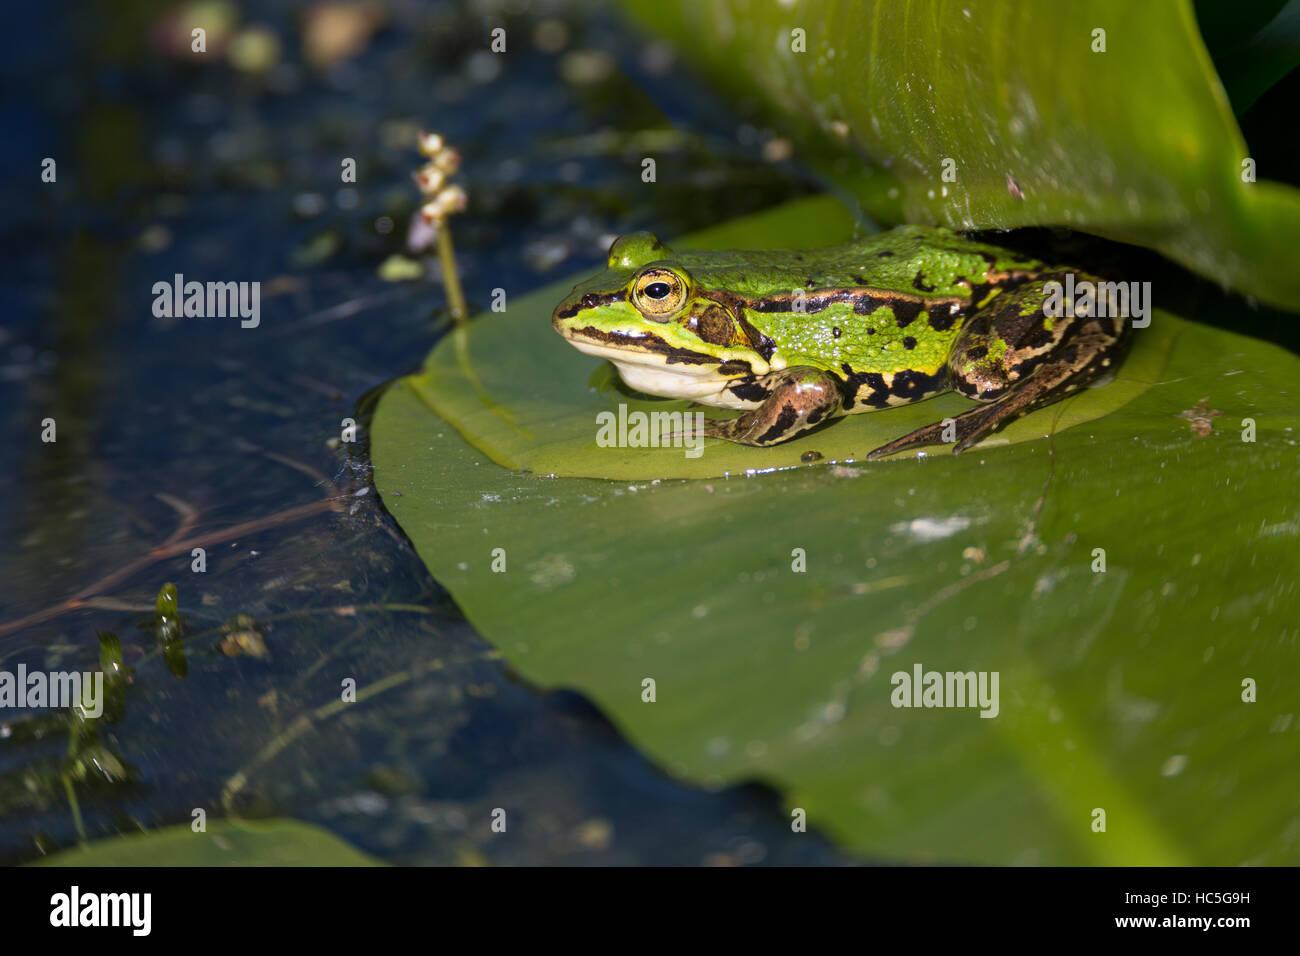 Teichfrosch, Teich-Frosch, Grünfrosch, Wasserfrosch, Frosch, Frösche, Pelophylax esculentus, Rana kl. - Stock Image